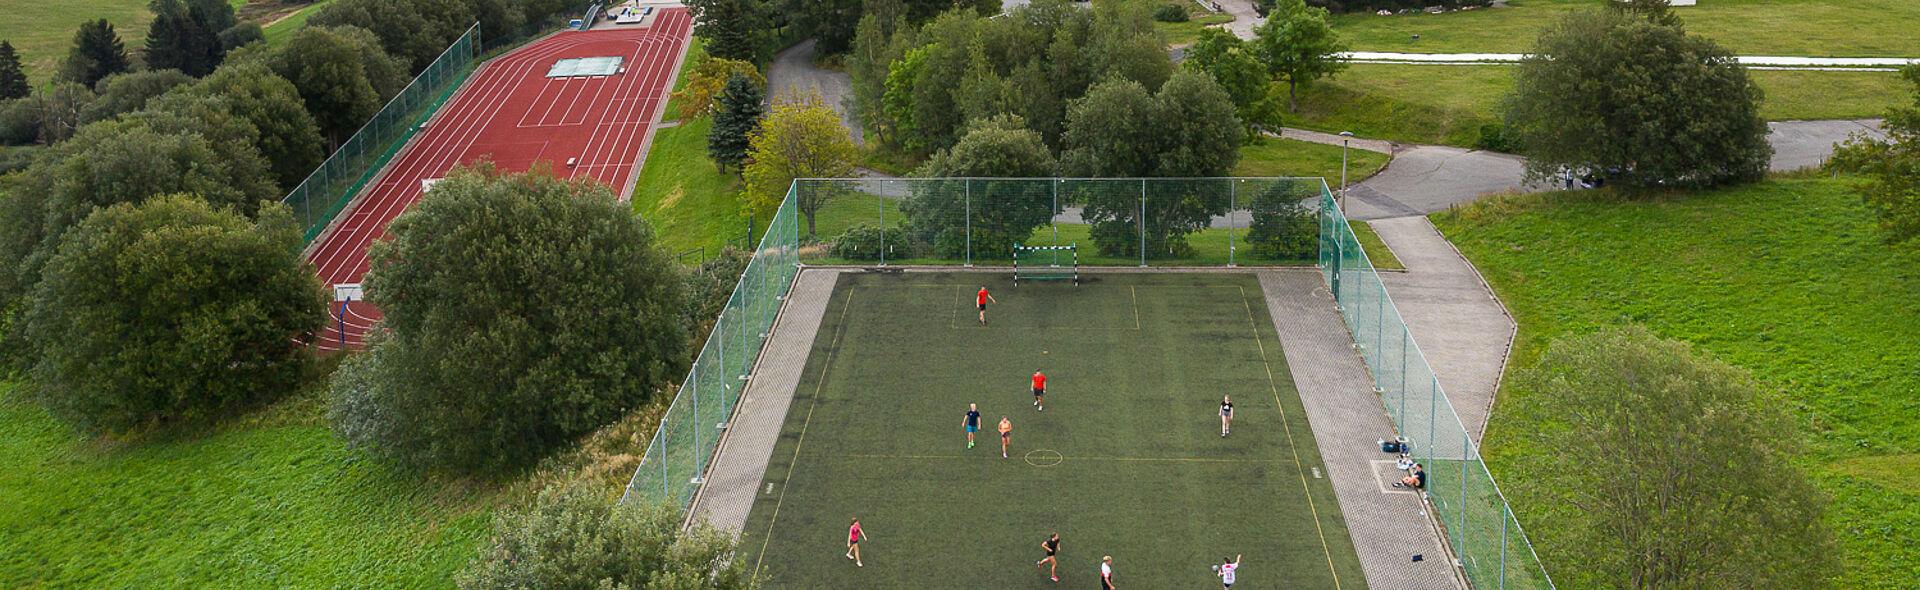 Bundesstützpunkt Oberwiesenthal Leichtathletikbahn Trainingszentrum